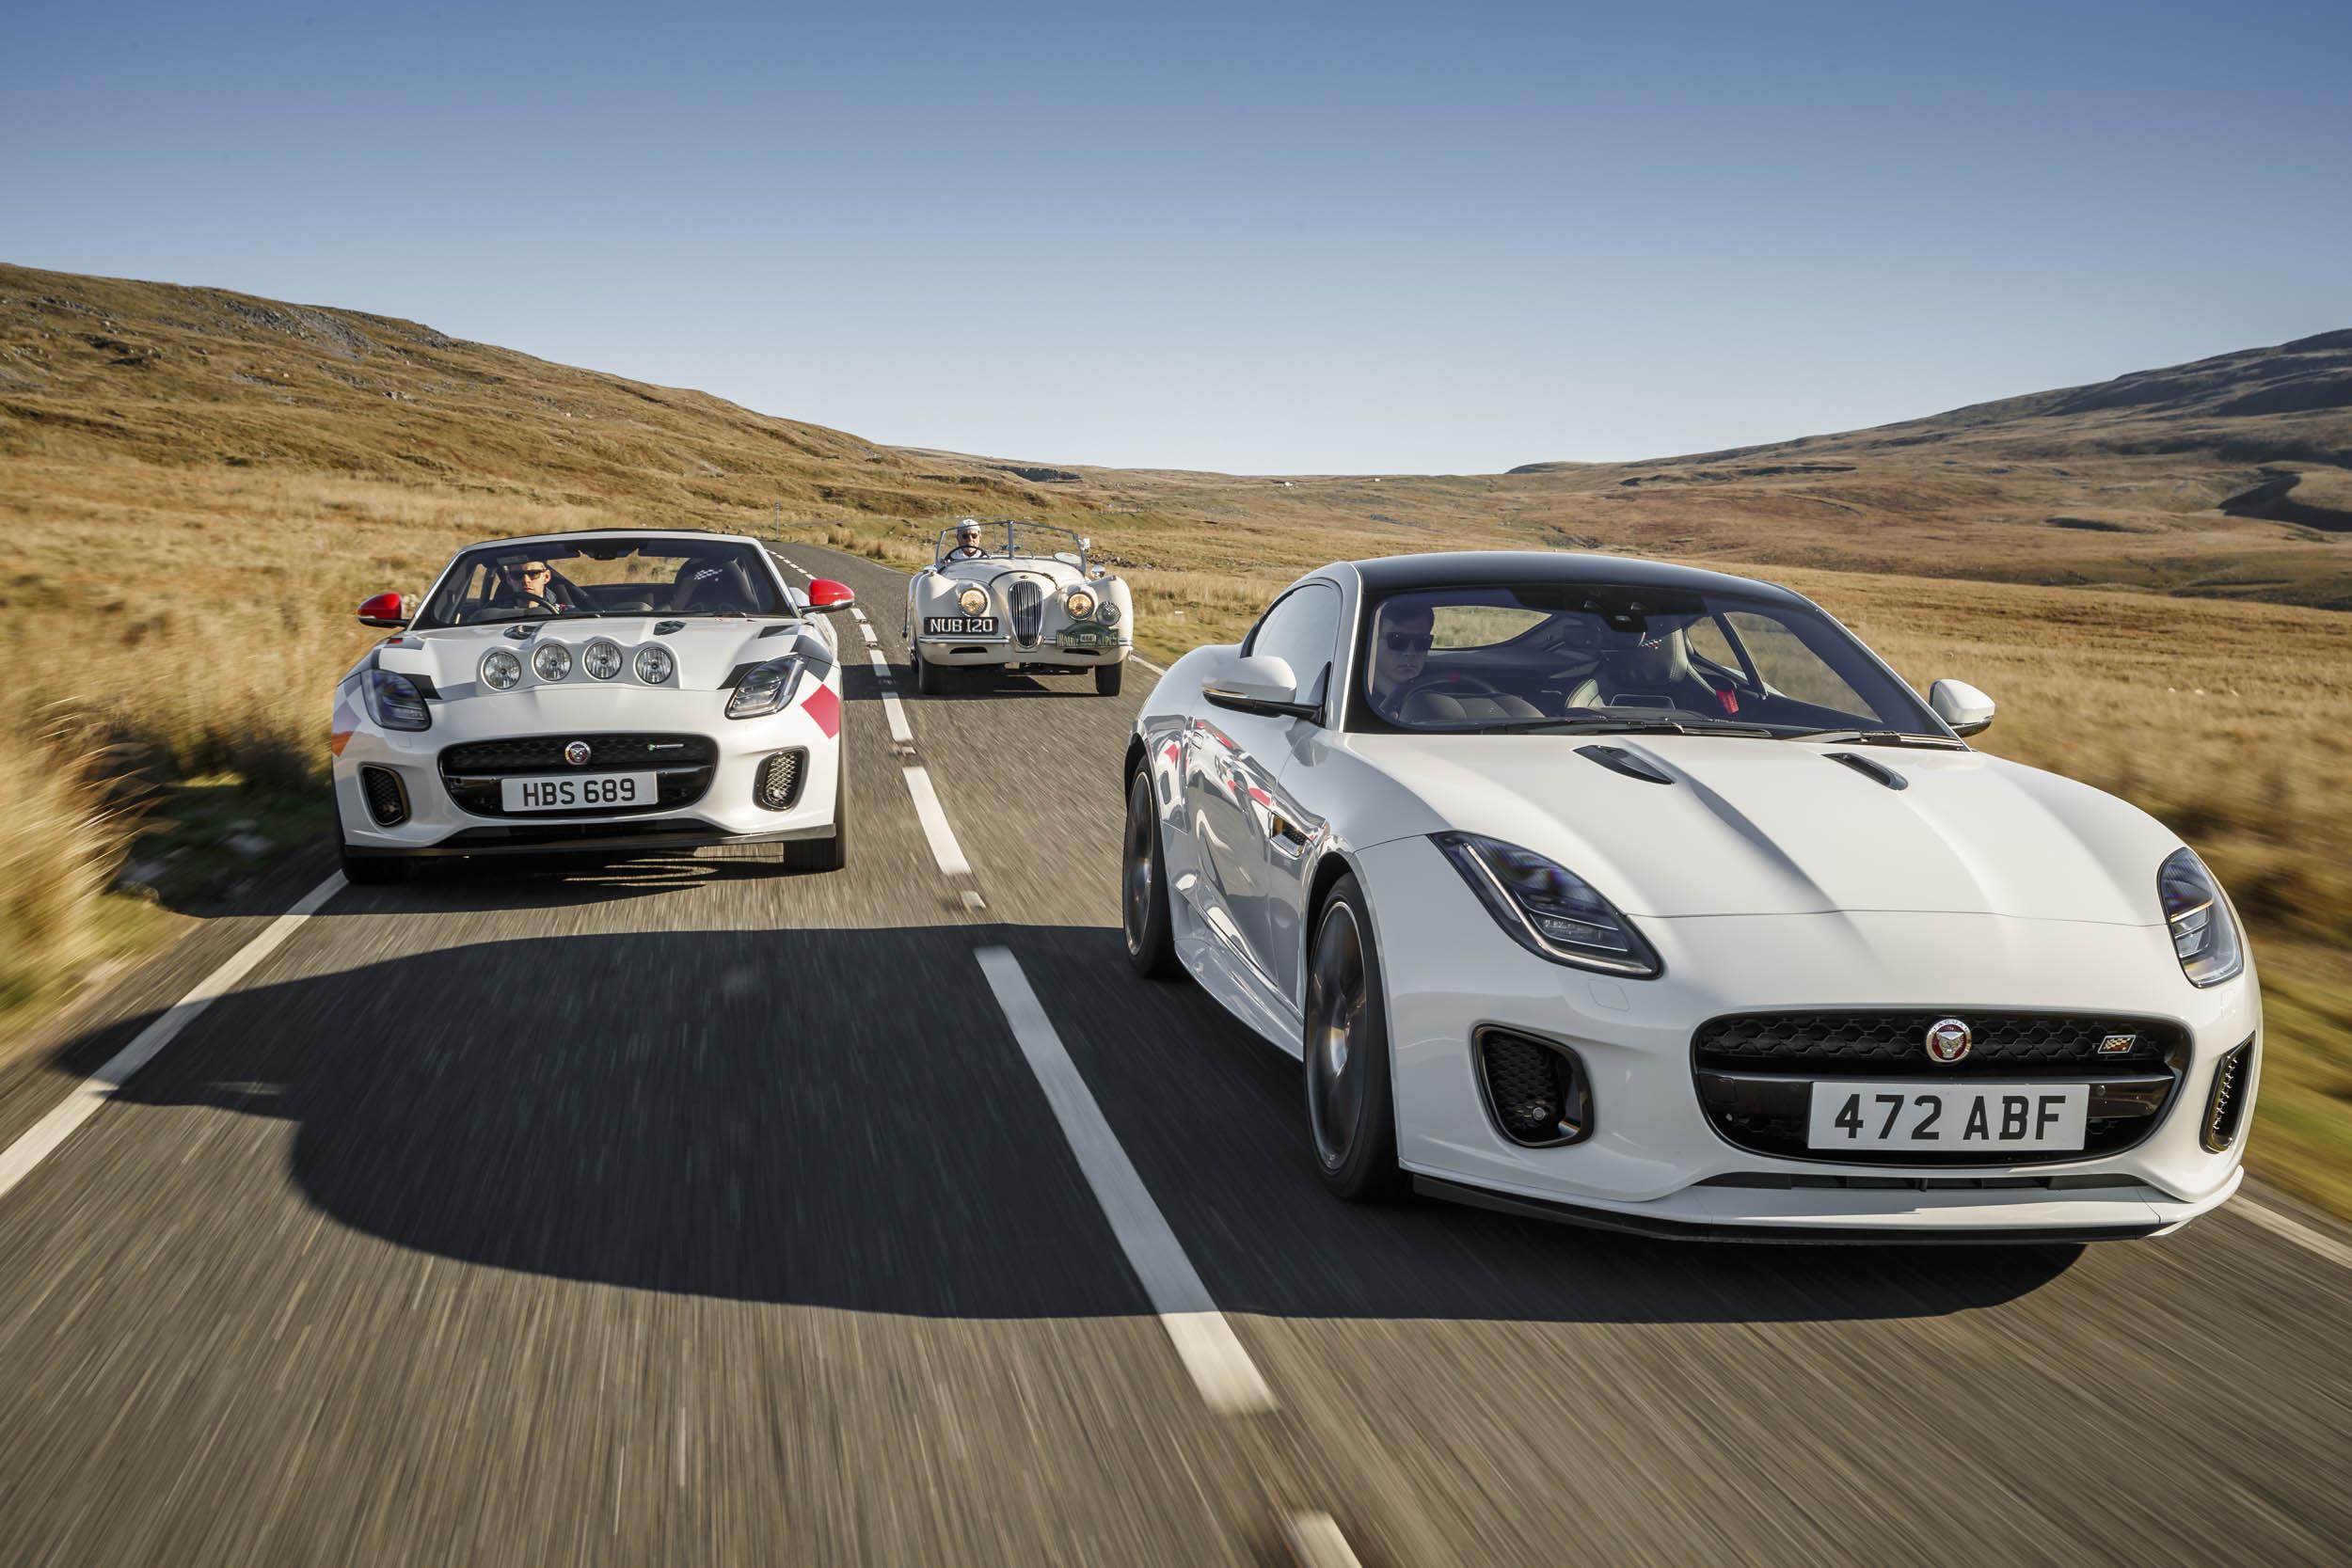 Jaguars driving